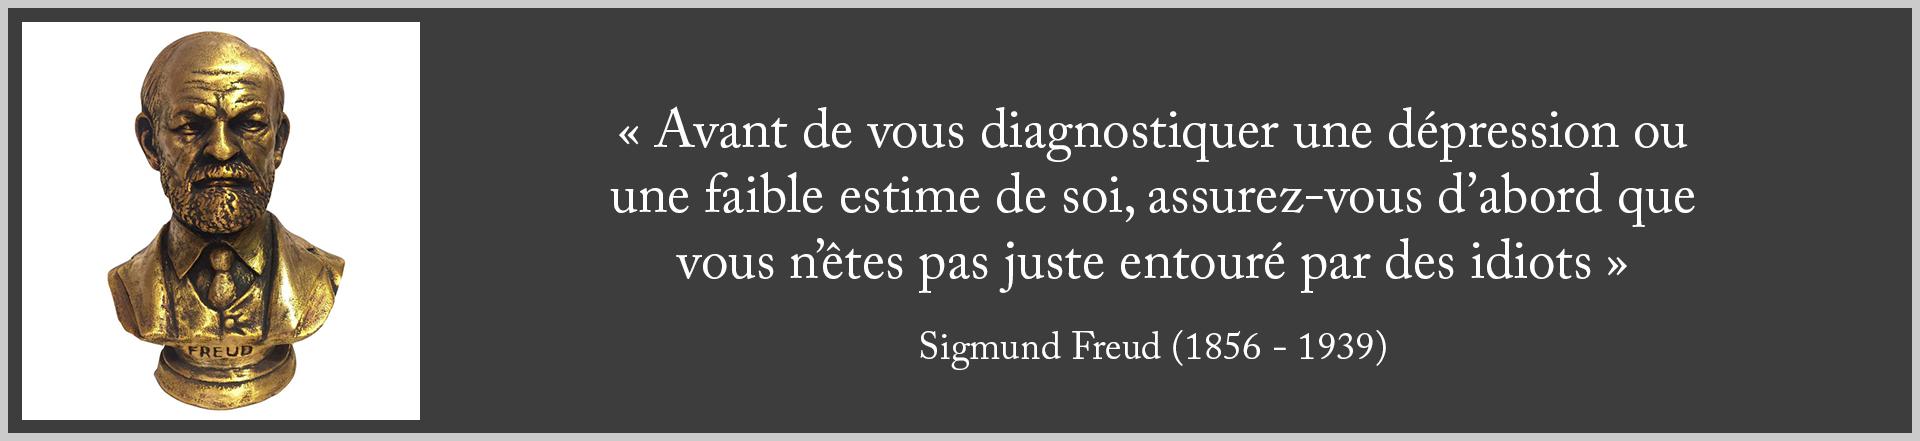 Freud Entouré par des Idiots dpurb site web